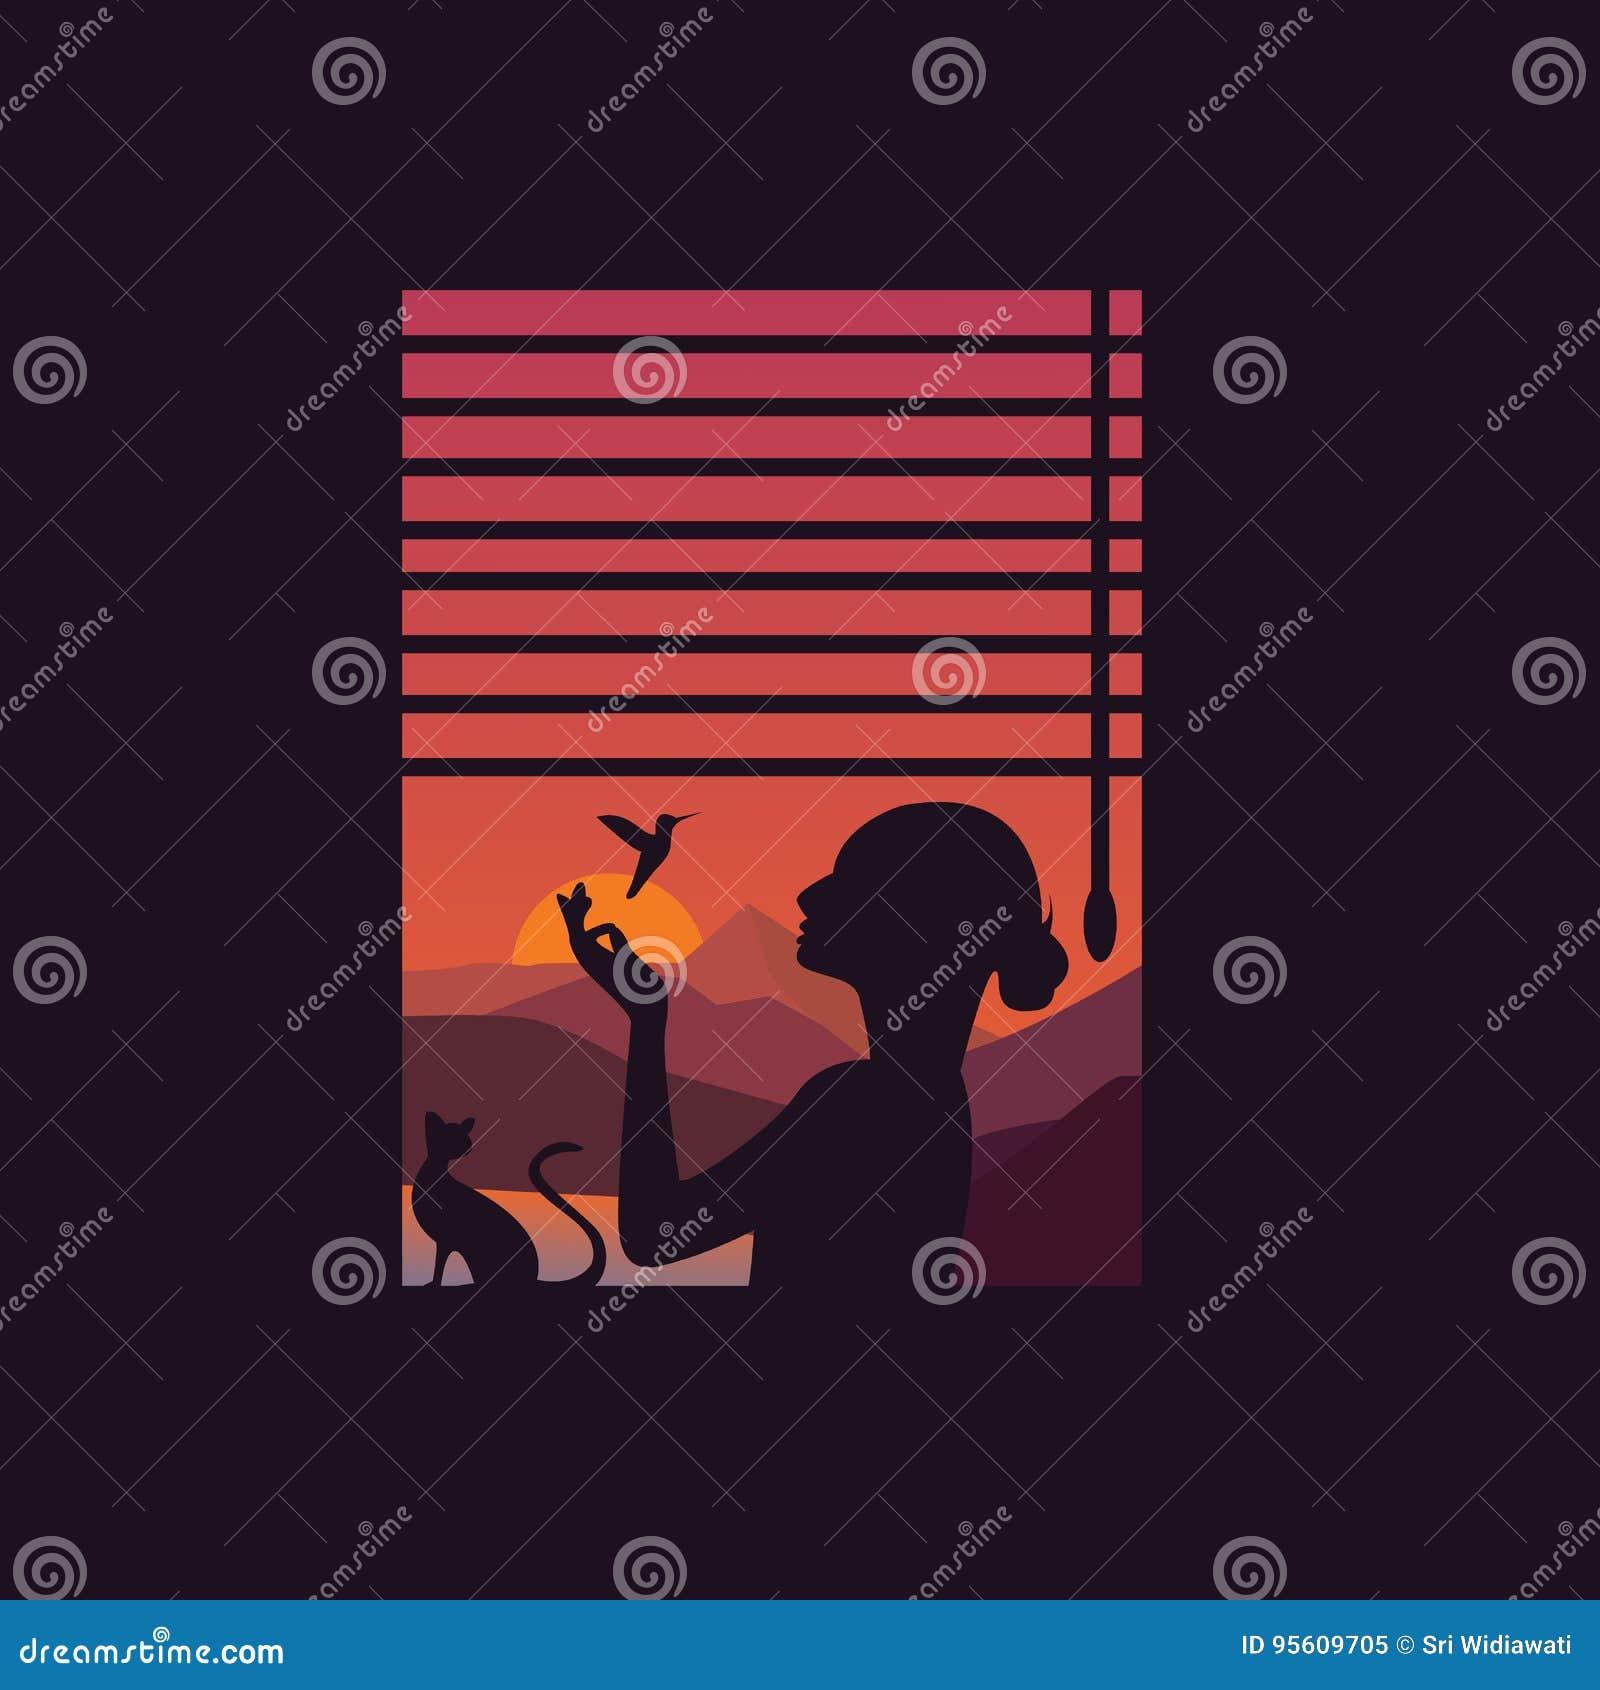 https://thumbs.dreamstime.com/z/het-silhouet-van-de-meisjesvrouw-met-vogelvlieg-achter-venster-op-de-schoonheidsconcept-van-de-zon-vastgesteld-vrijheid-95609705.jpg